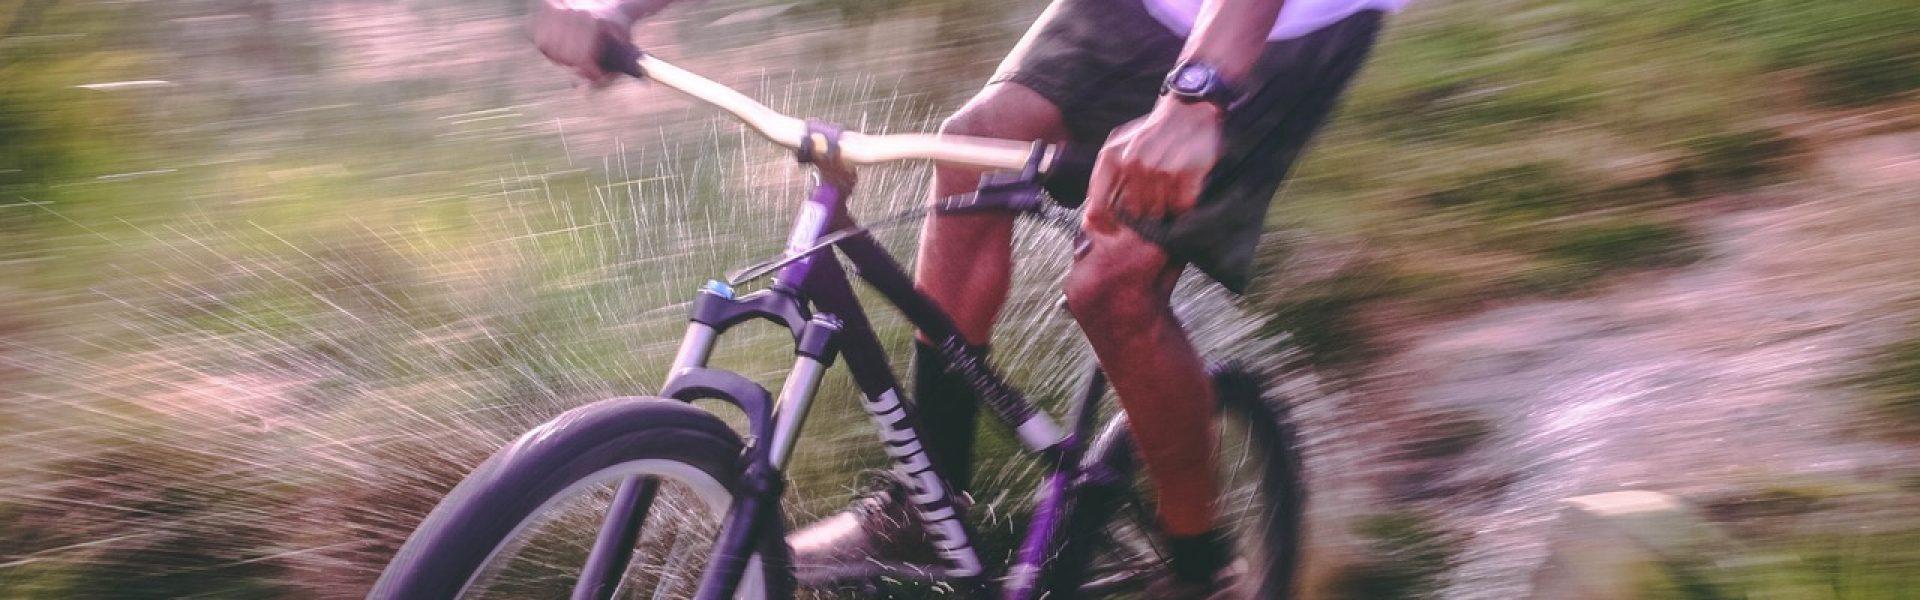 shrm-biking-blog-3